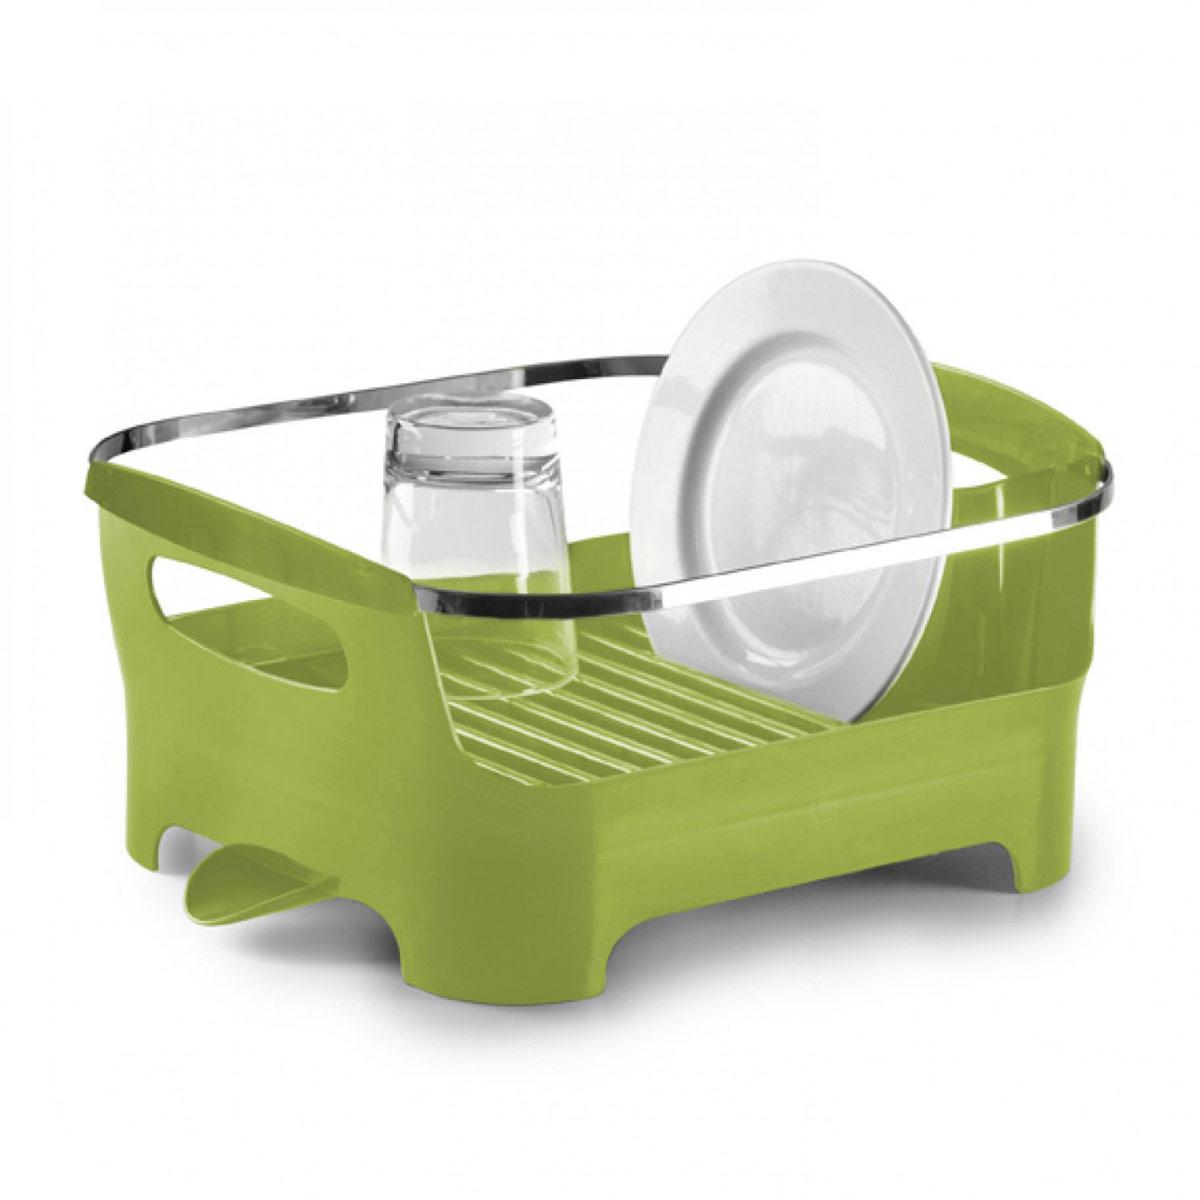 Сушилка для посуды Umbra Basin, цвет: зеленый, 38 см х 33 см х 17 см330591-806Сушилка для посуды Umbra Basin изготовлена из высококачественного пластика без содержания вредного бисфенола. Компактный дизайн изделия создает большое пространство для хранения и сушки посуды. Пространство для посуды ограждено бортиком, в котором есть удобные ручки для переноски, а главное, тарелки случайно не выпадут и не разобьются. Вода со свежевымытой посуды через желобки для тарелок стекает вниз, в специальное отделение, где собирается и выводится через носик на боку сушилки. Вы можете поставить ее в раковину или на рабочую поверхность рядом. Размер сушилки: 38 см х 33 см х 17 см.